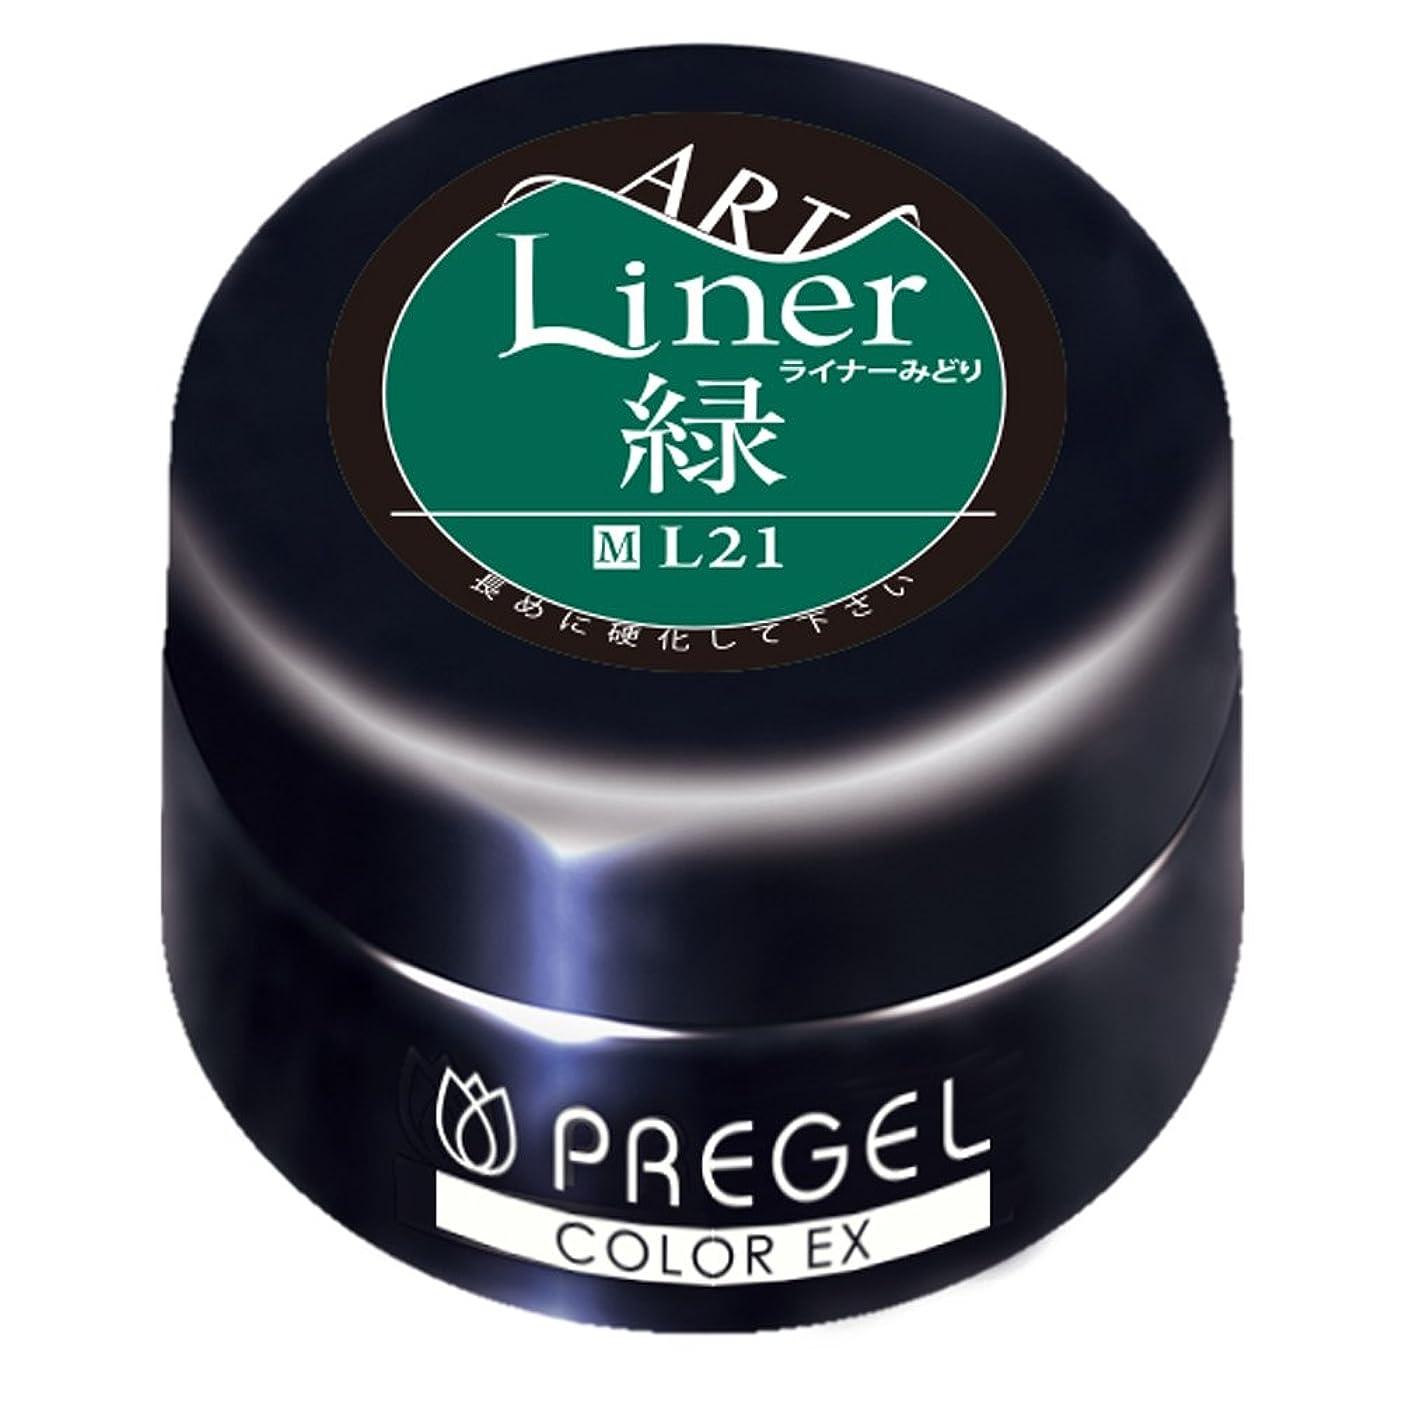 スクレーパー金曜日トラックPRE GEL カラーEX ライナー緑21 4g UV/LED対応